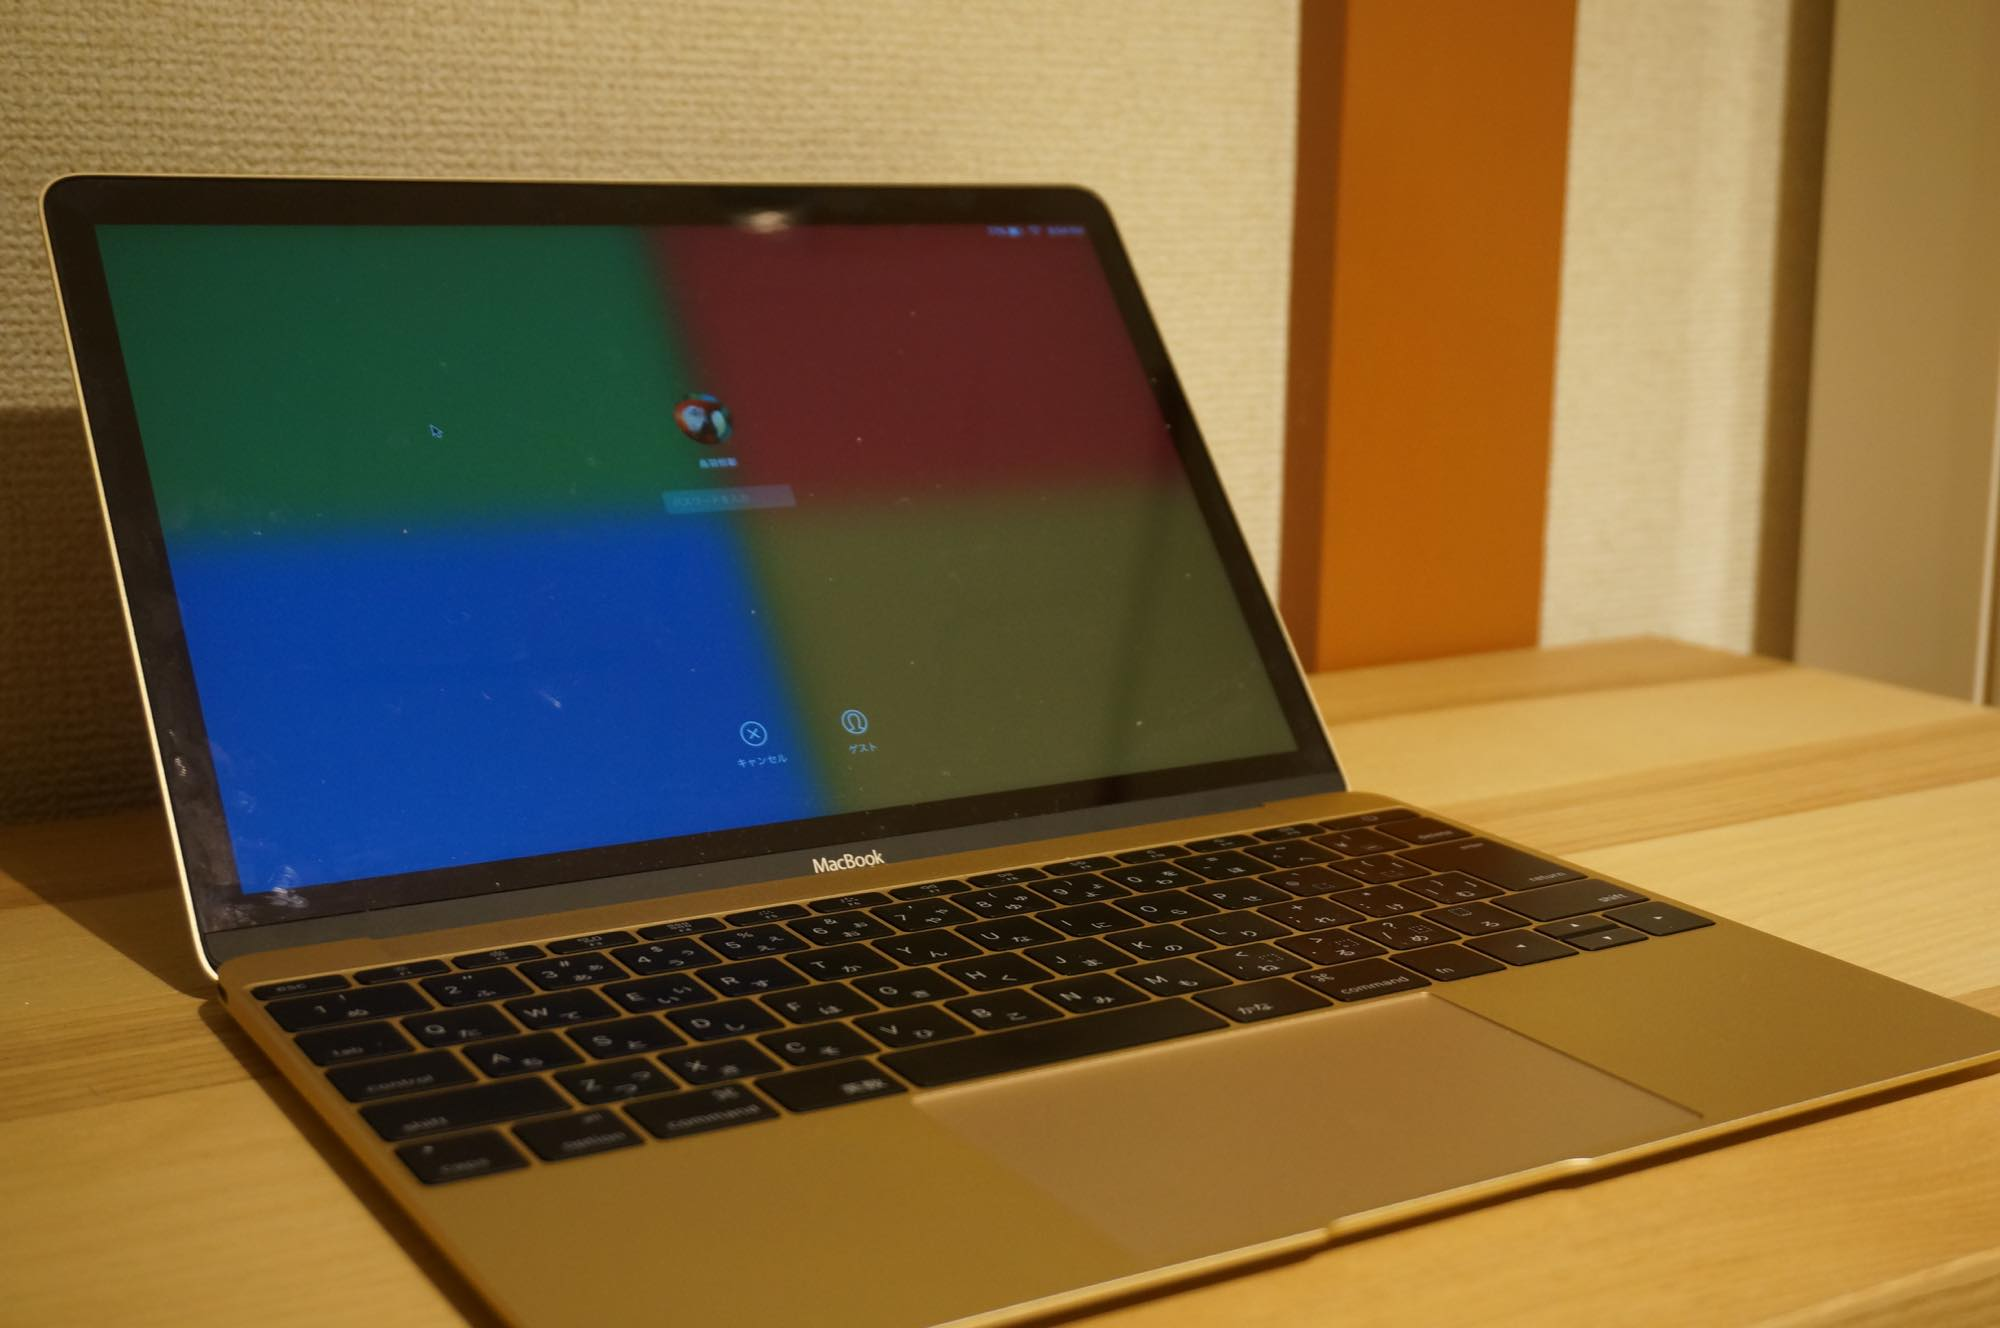 Macbook-mbp131